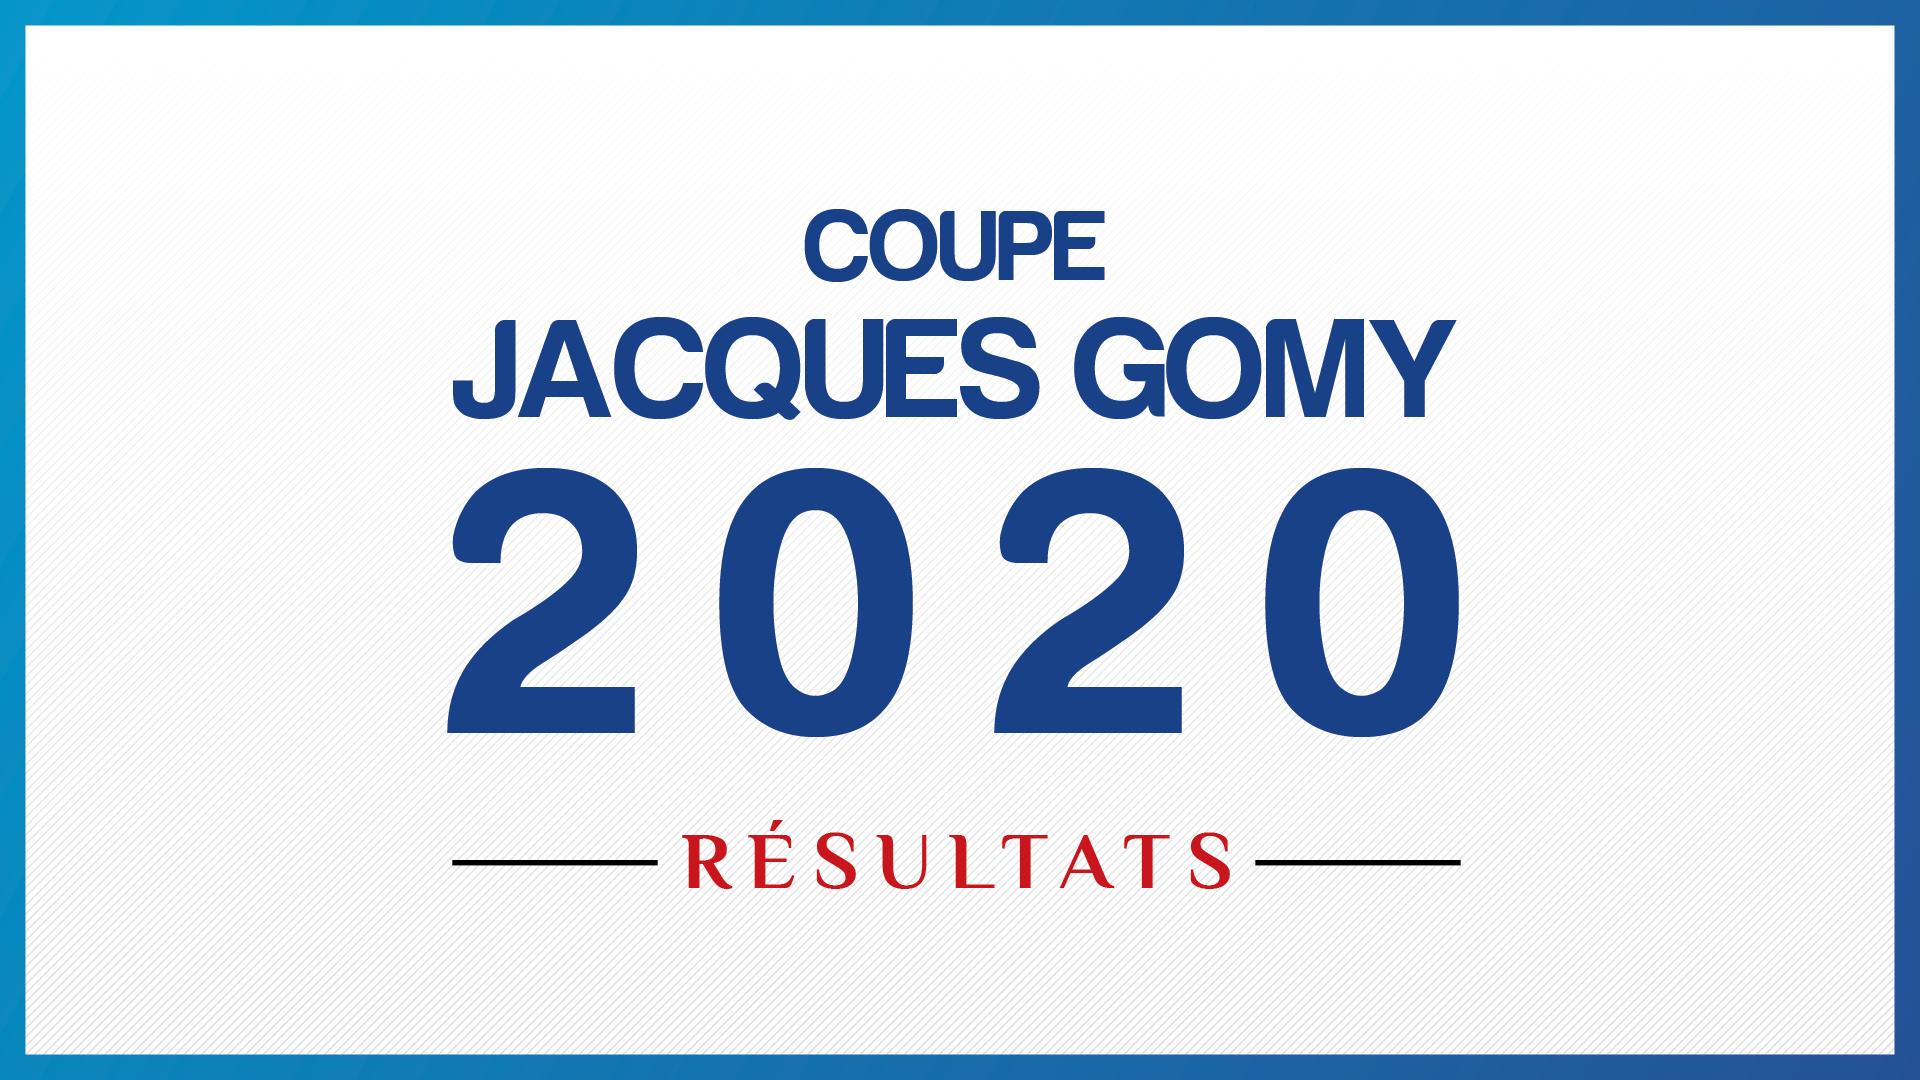 Coupe Jacques Gomy 2020 : les résultats